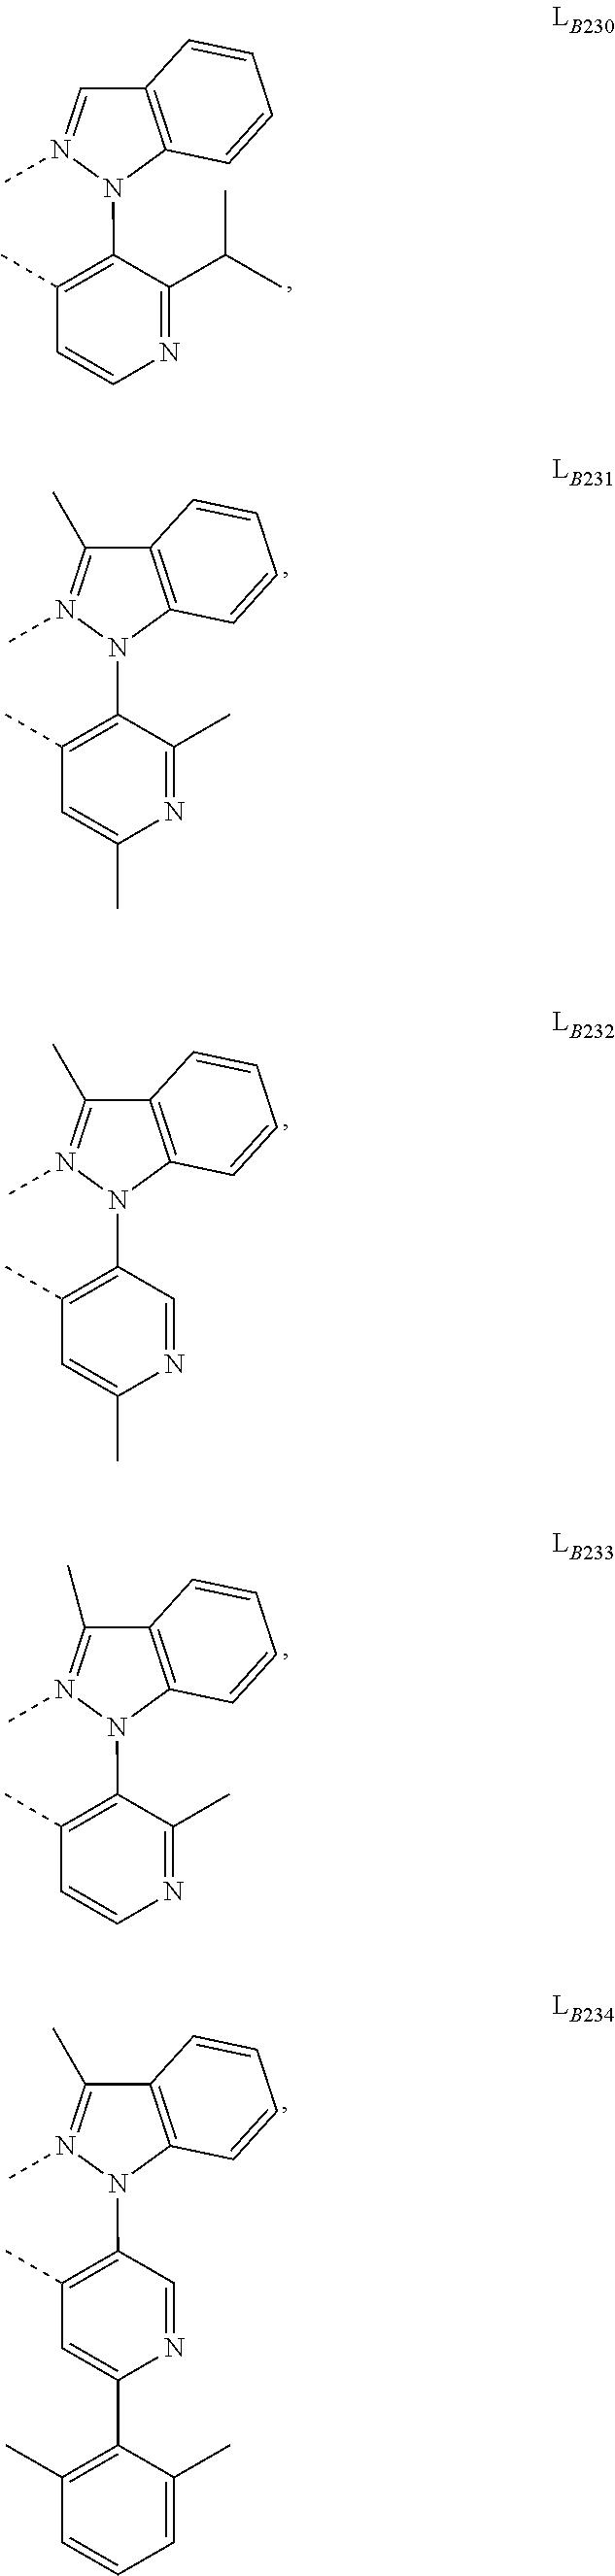 Figure US09905785-20180227-C00156